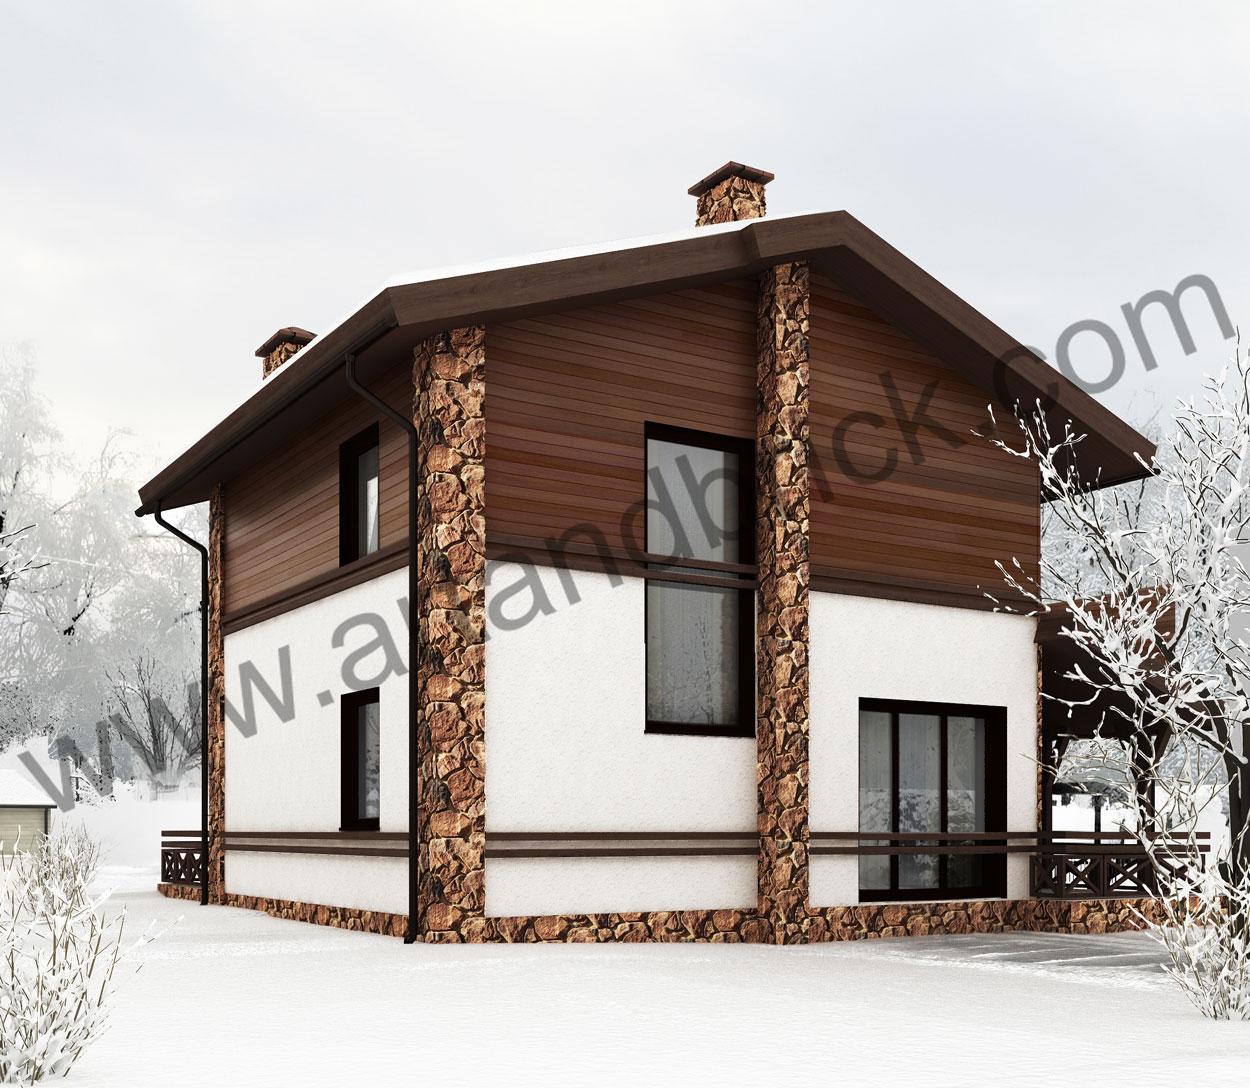 Проект дома в стиле Шале – боковой фасад. Площадь проекта частного дома – 150 кв.м.